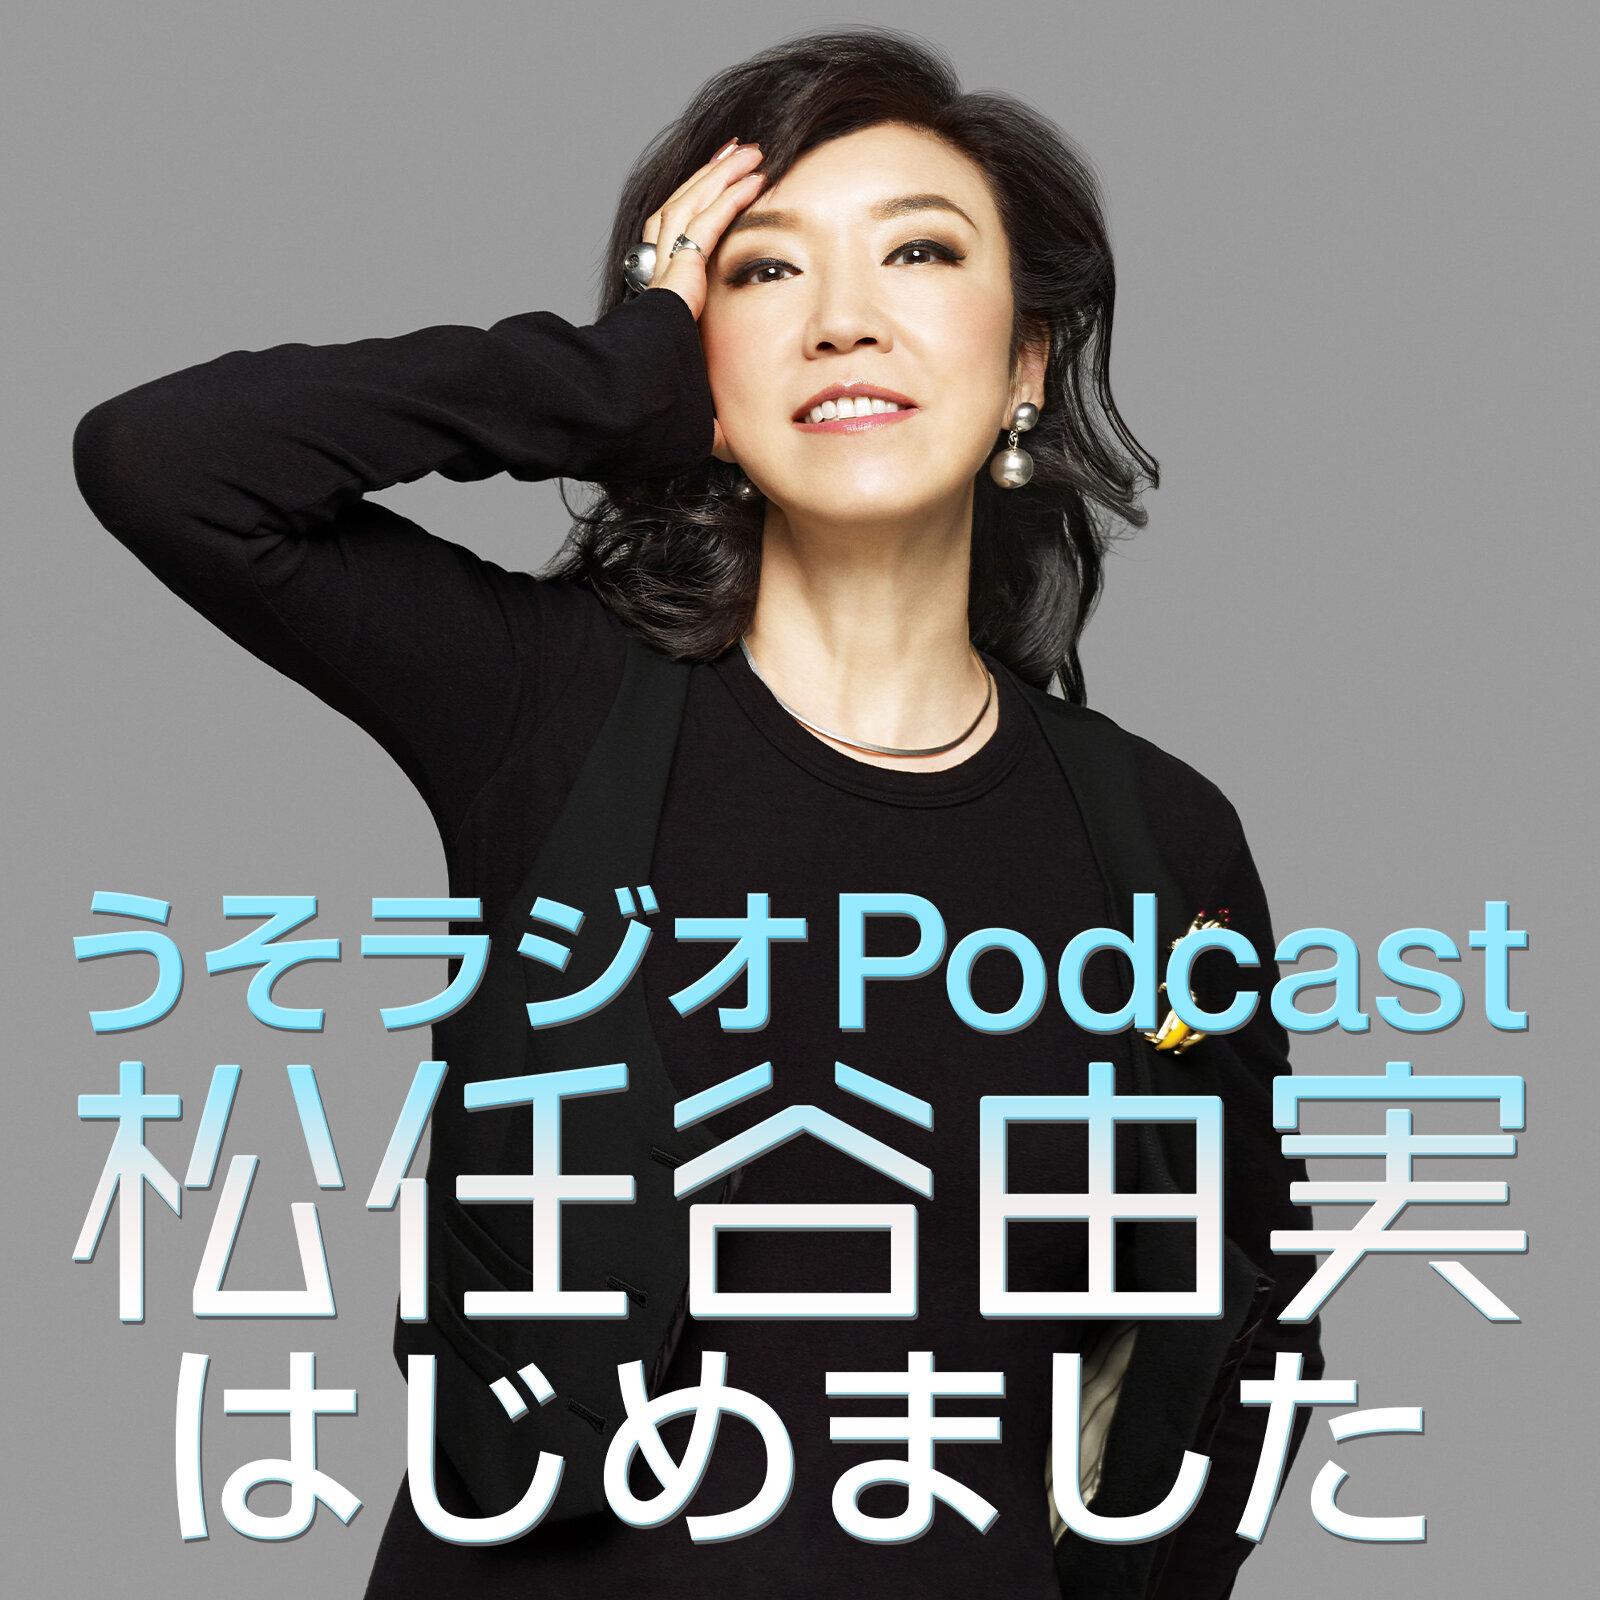 うそラジオ Podcast 松任谷由実はじめました